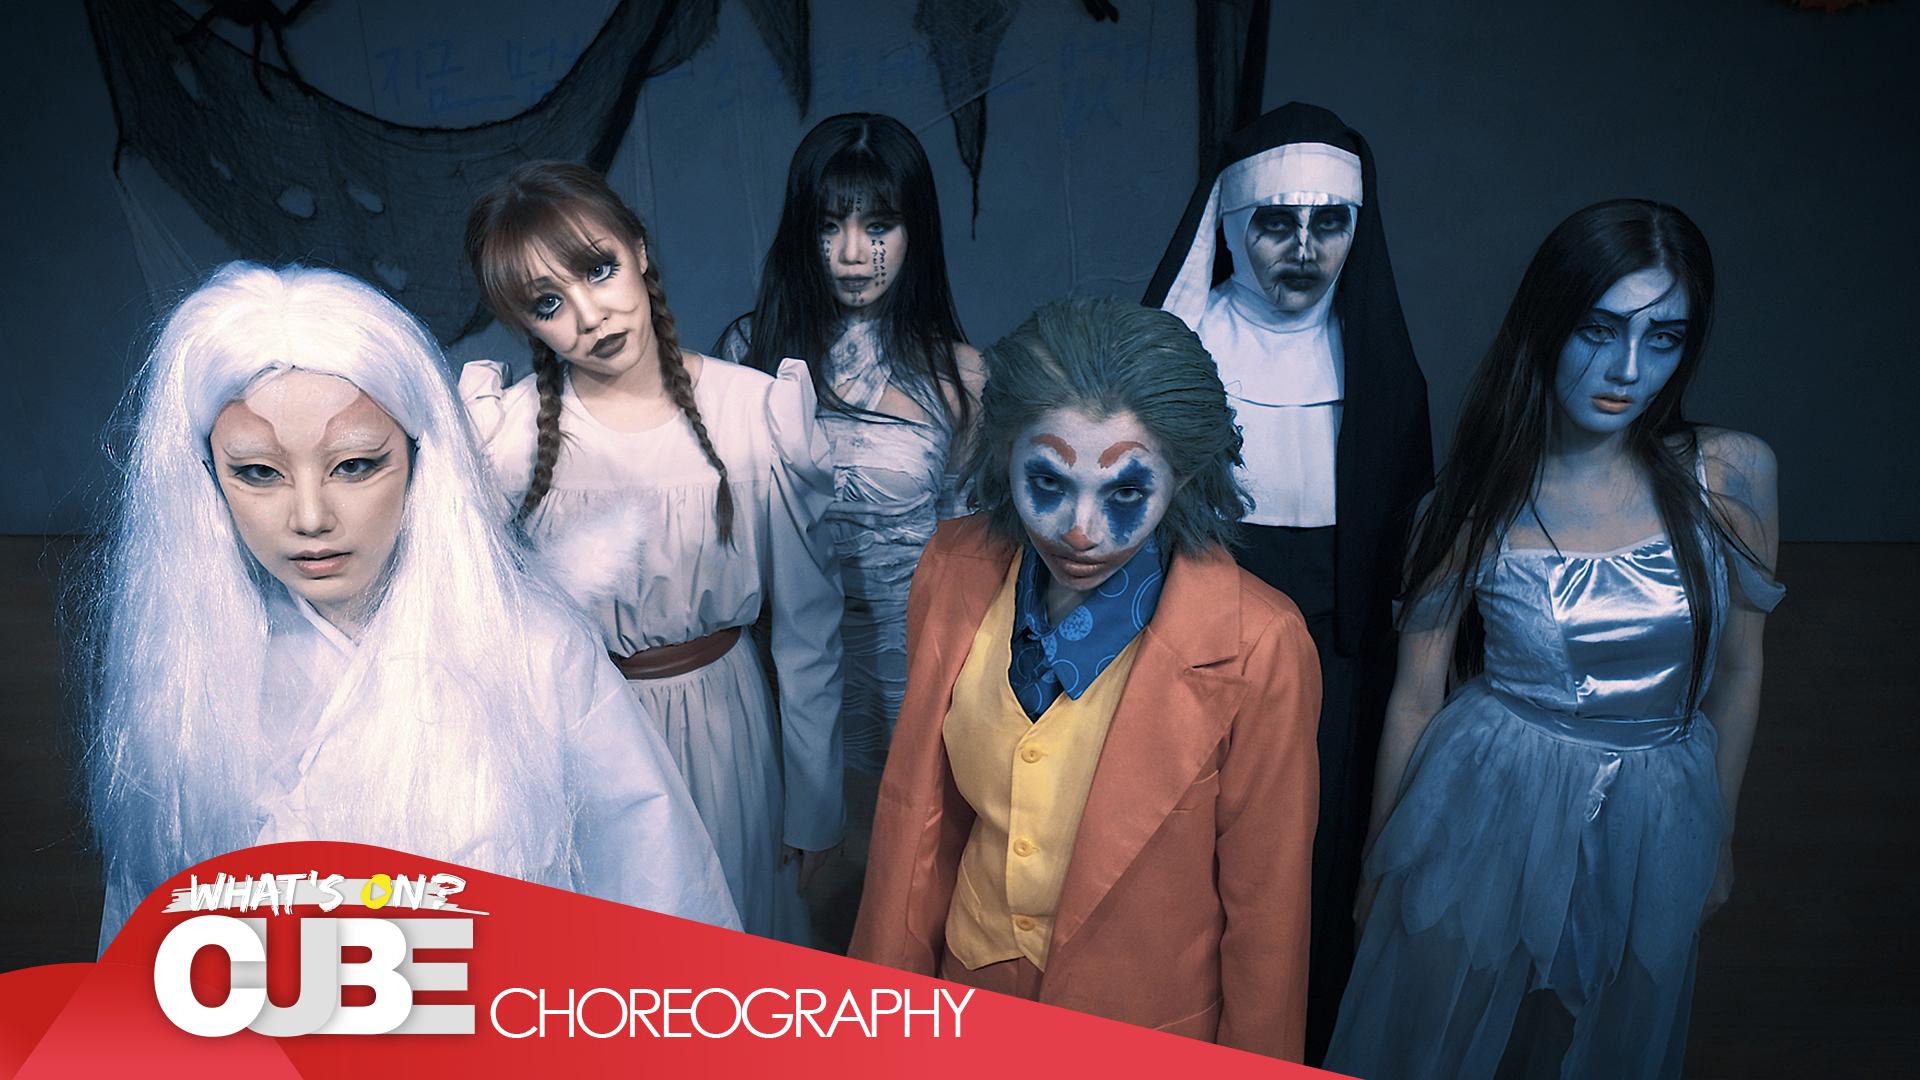 (여자)아이들 - '싫다고 말해 (Nightmare Ver.)' (Halloween Ver. Choreography Video)